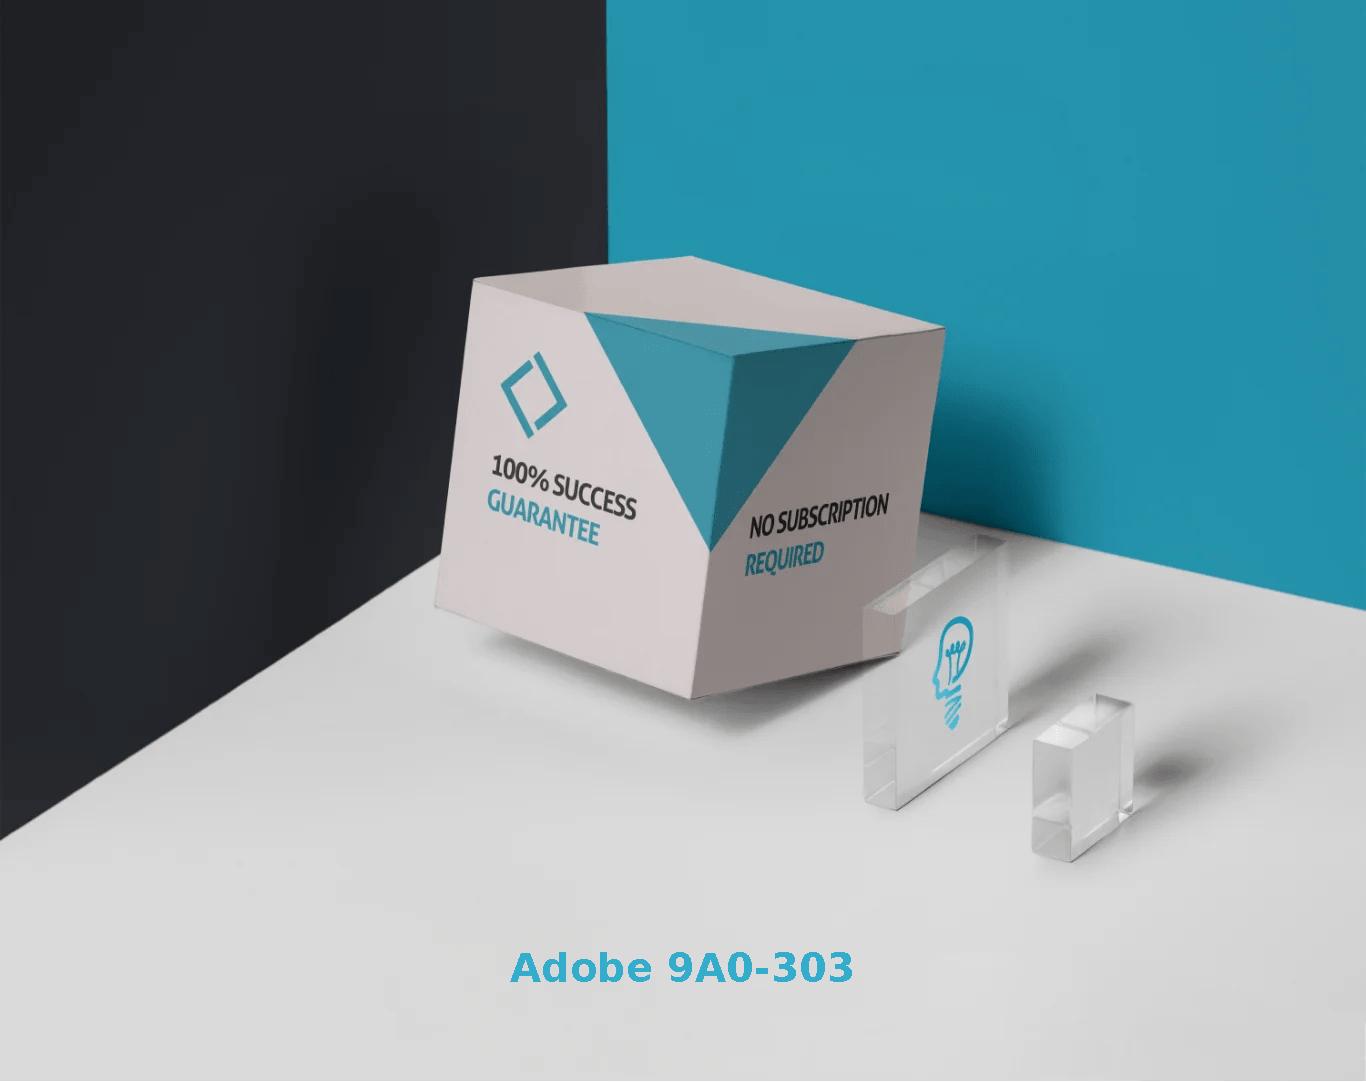 Adobe 9A0-303 Exams